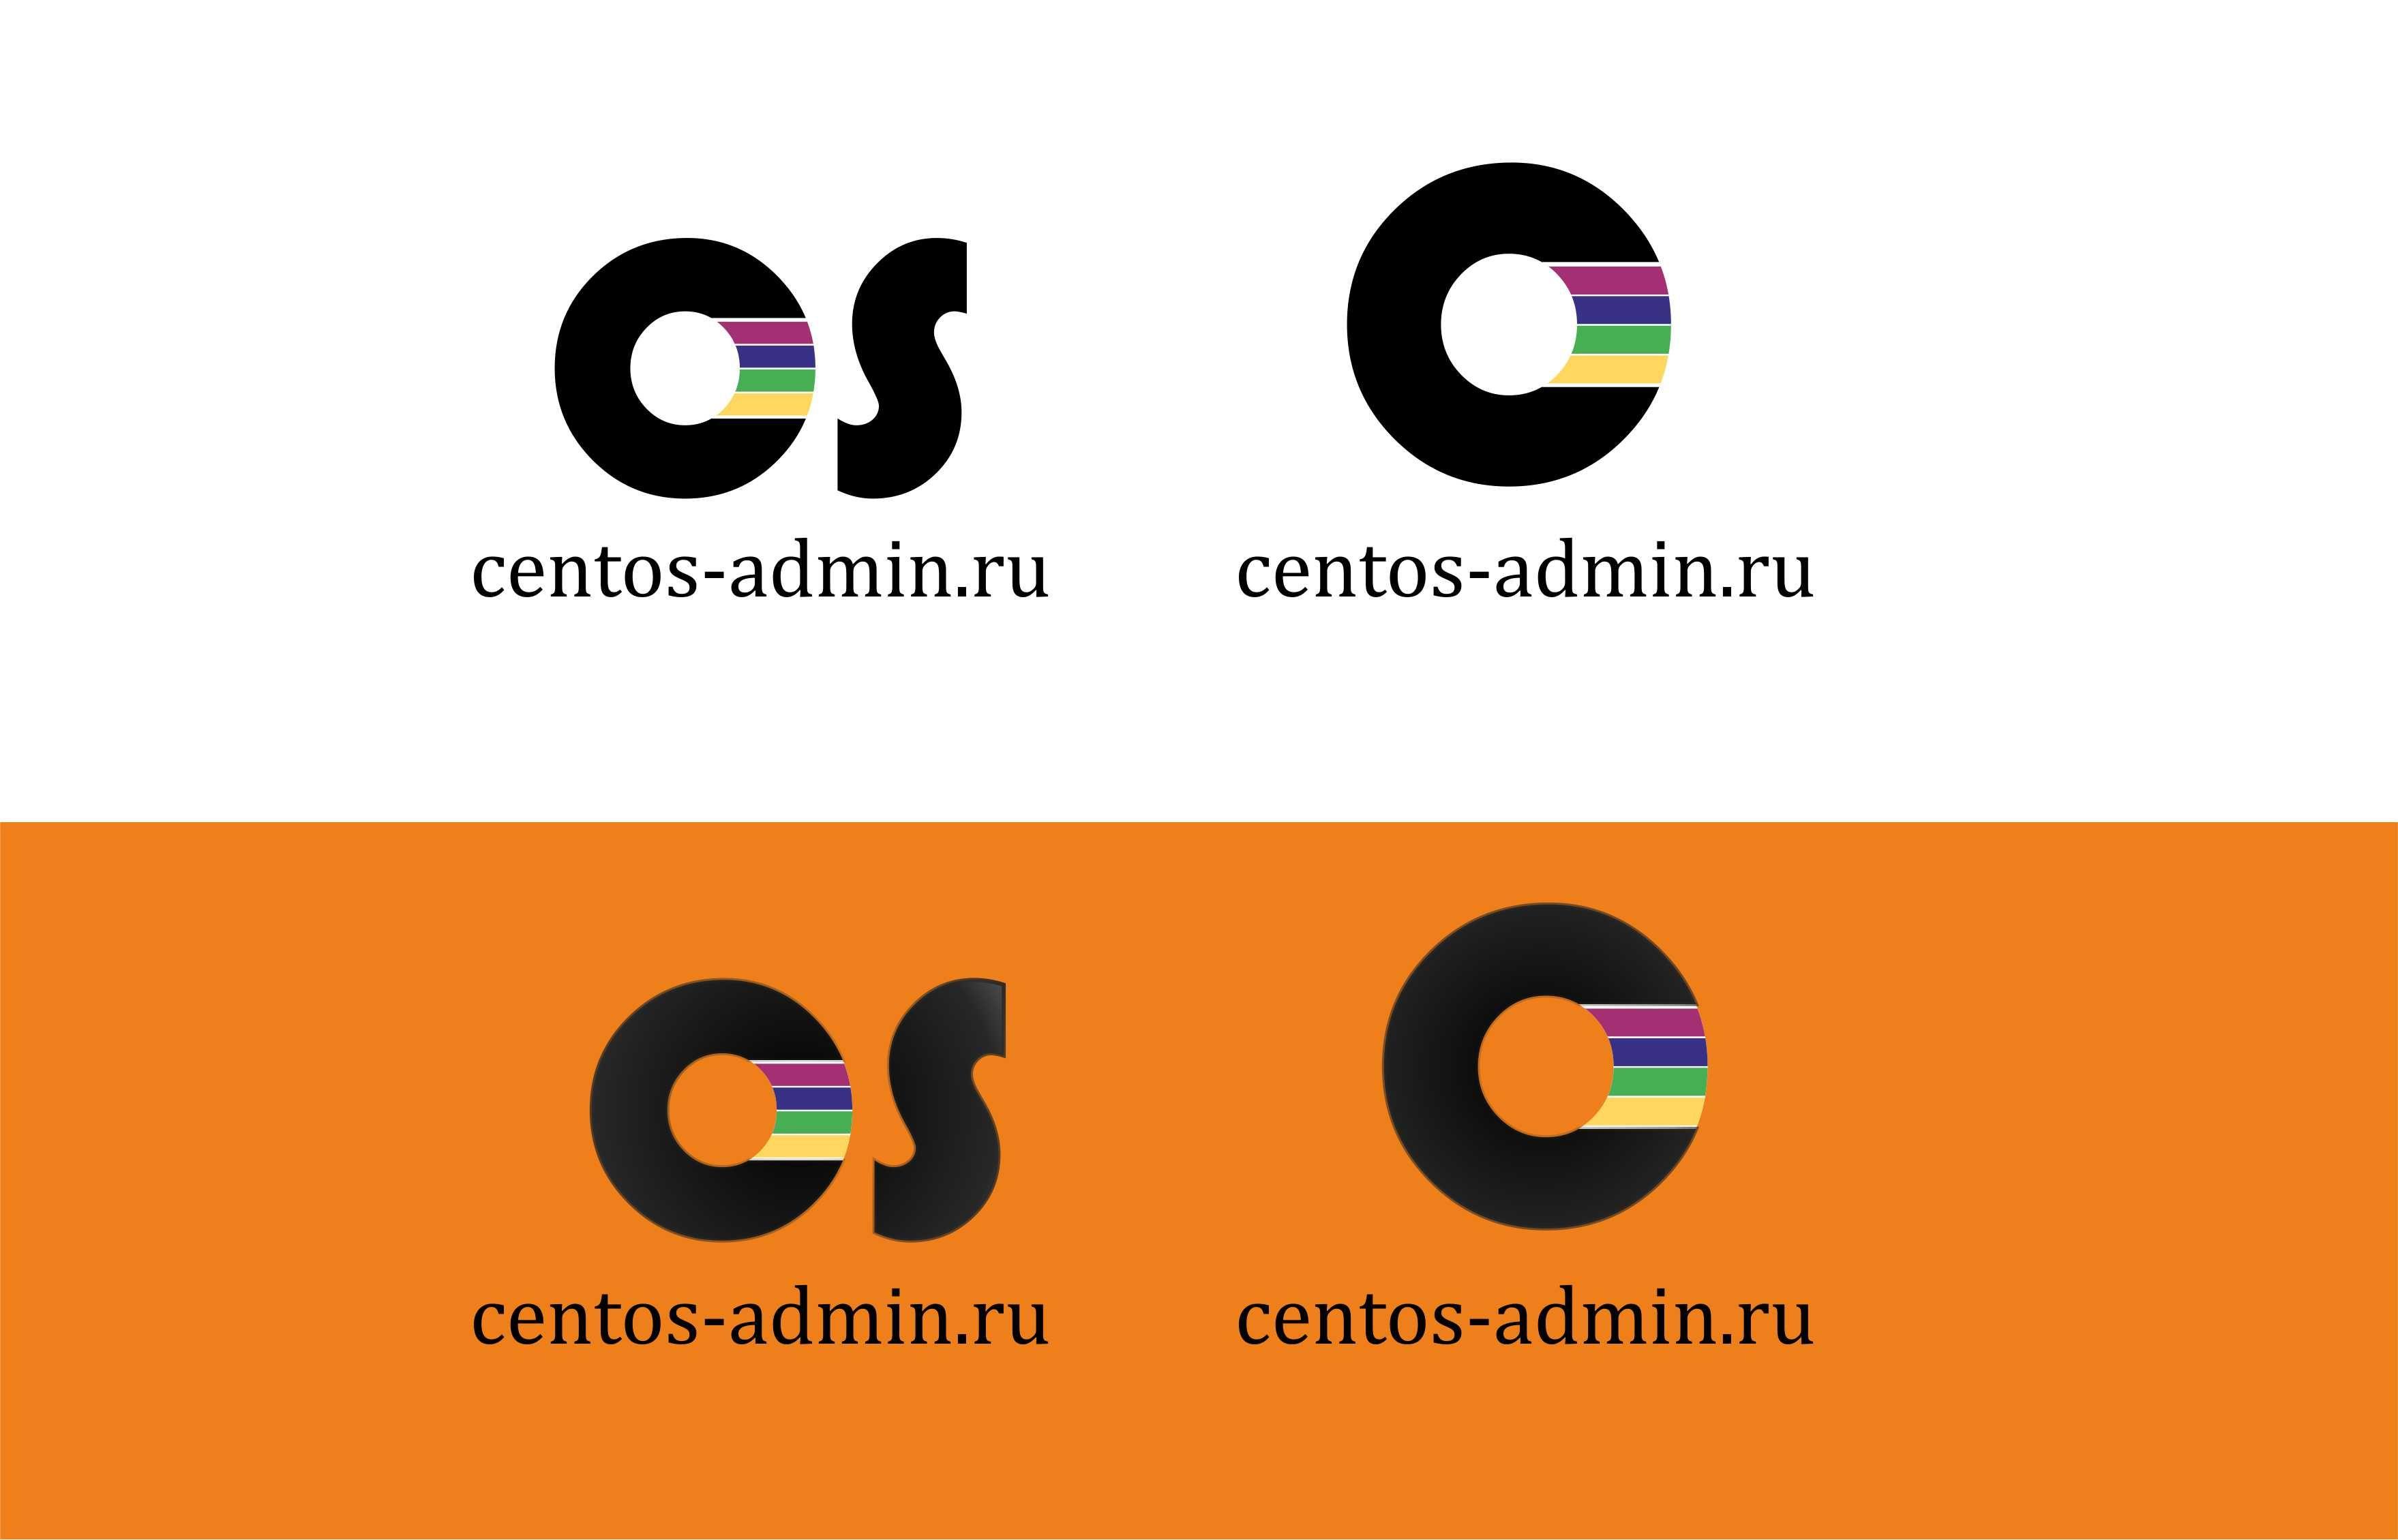 Логотип для компании Centos-admin.ru - дизайнер Nataliya